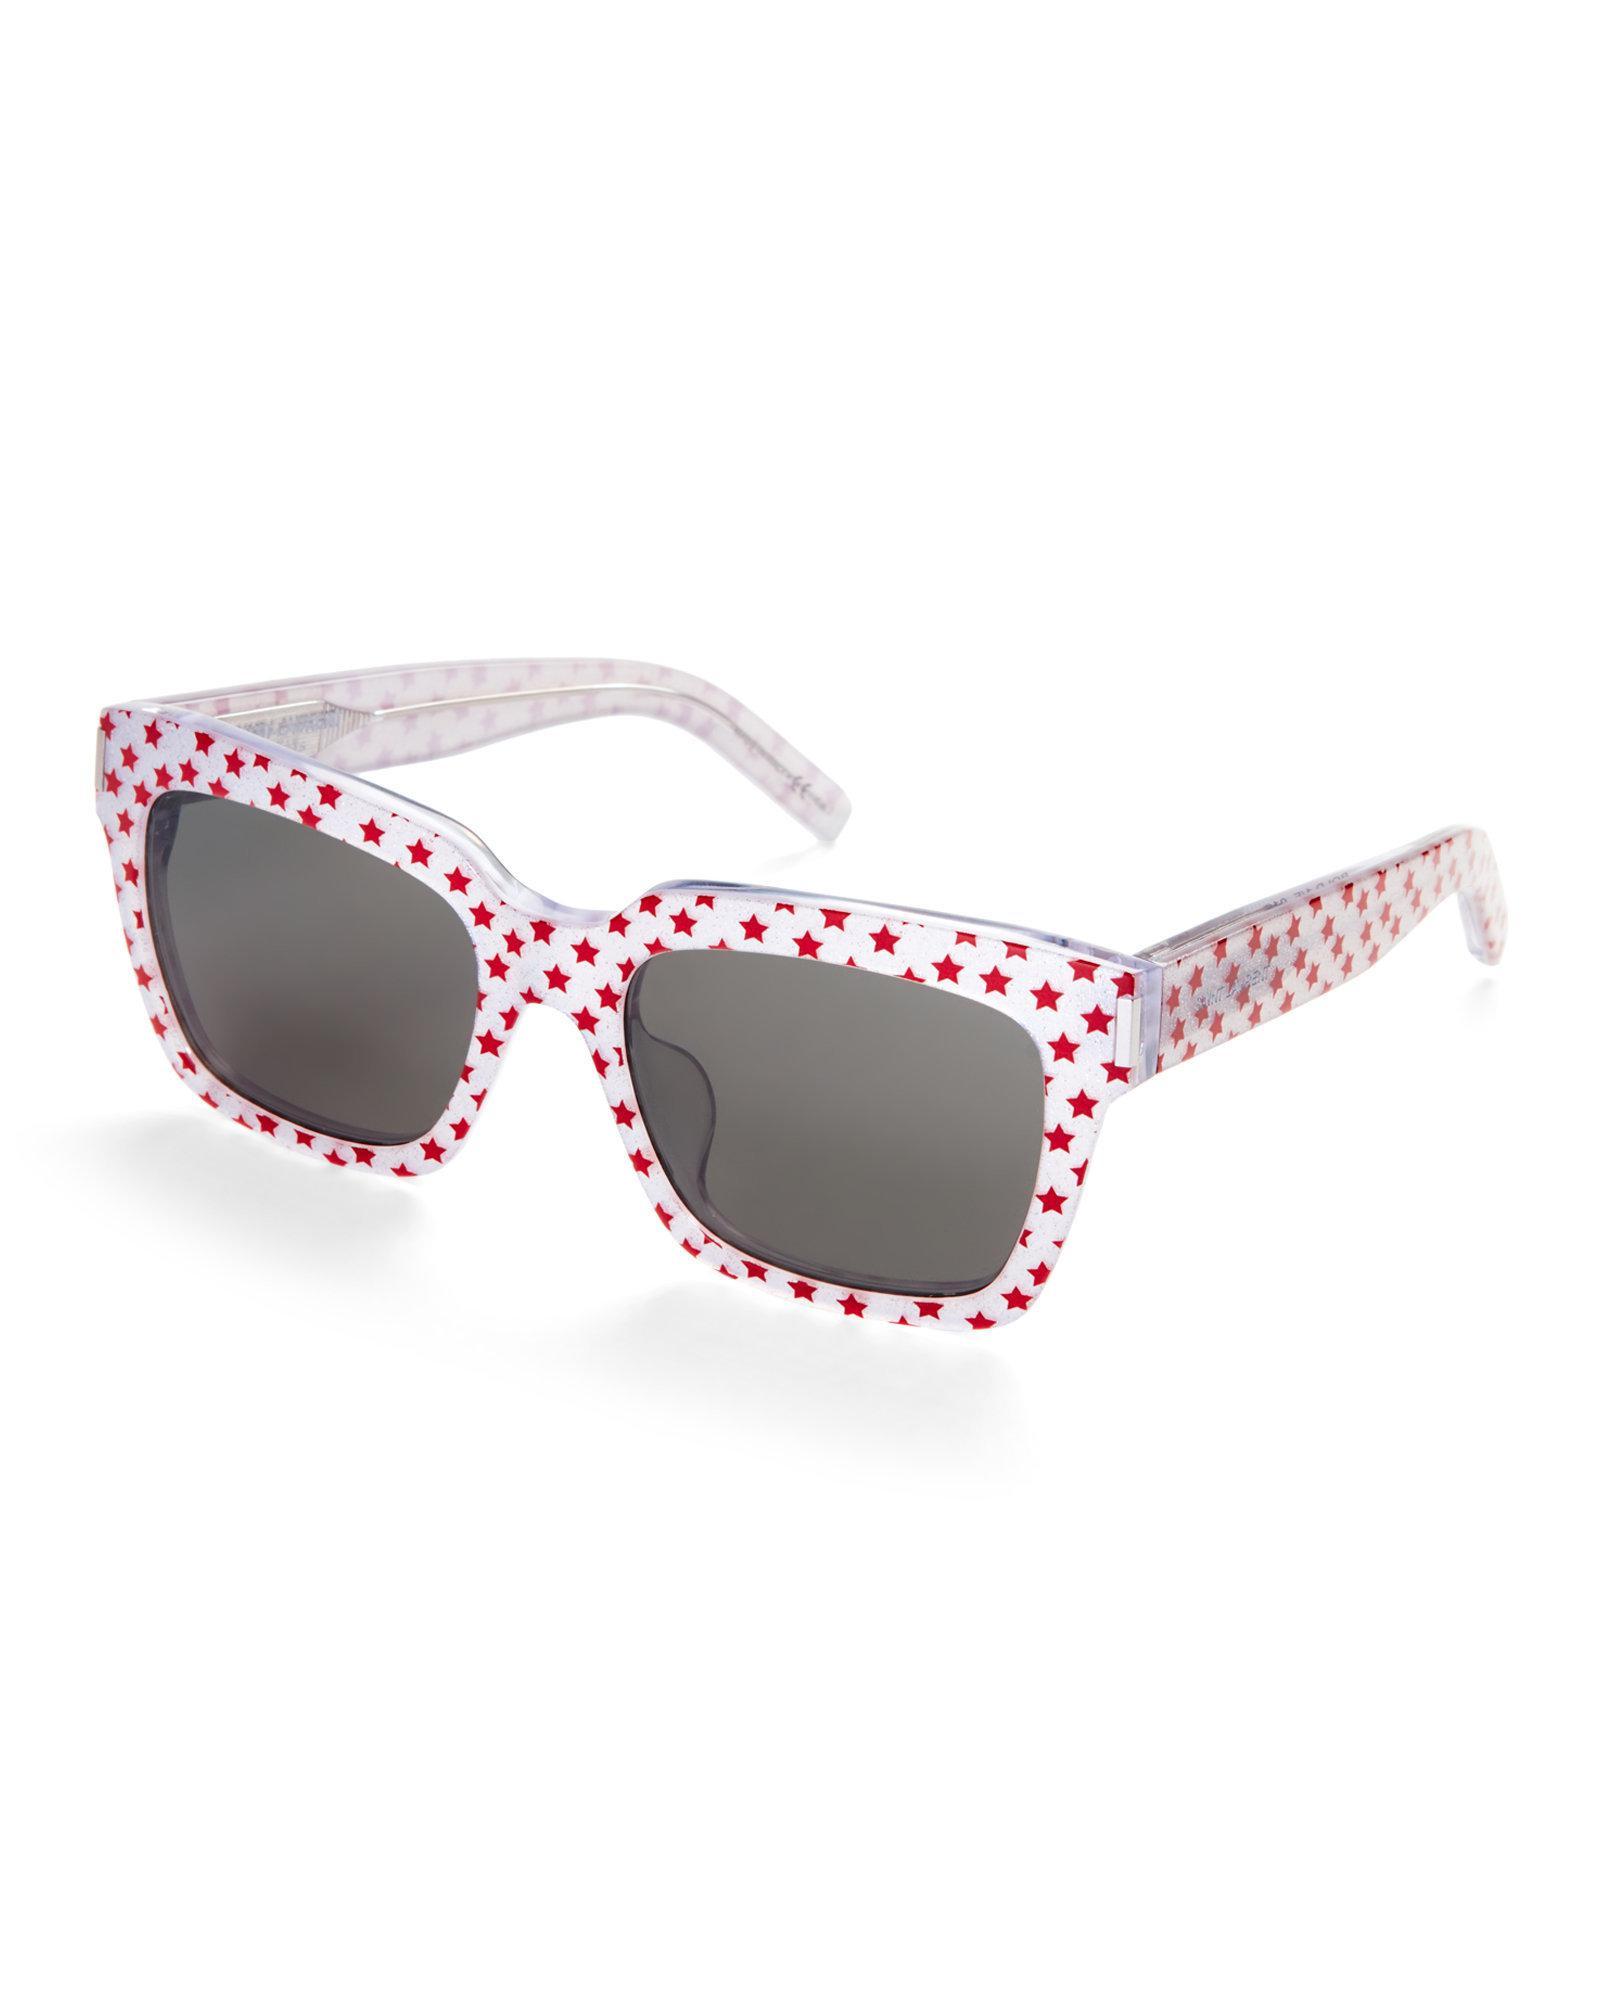 de con Eyewear estrellas Laurent estampado Saint de Gafas de sol ZqdUxf b9ad2c3e01ad